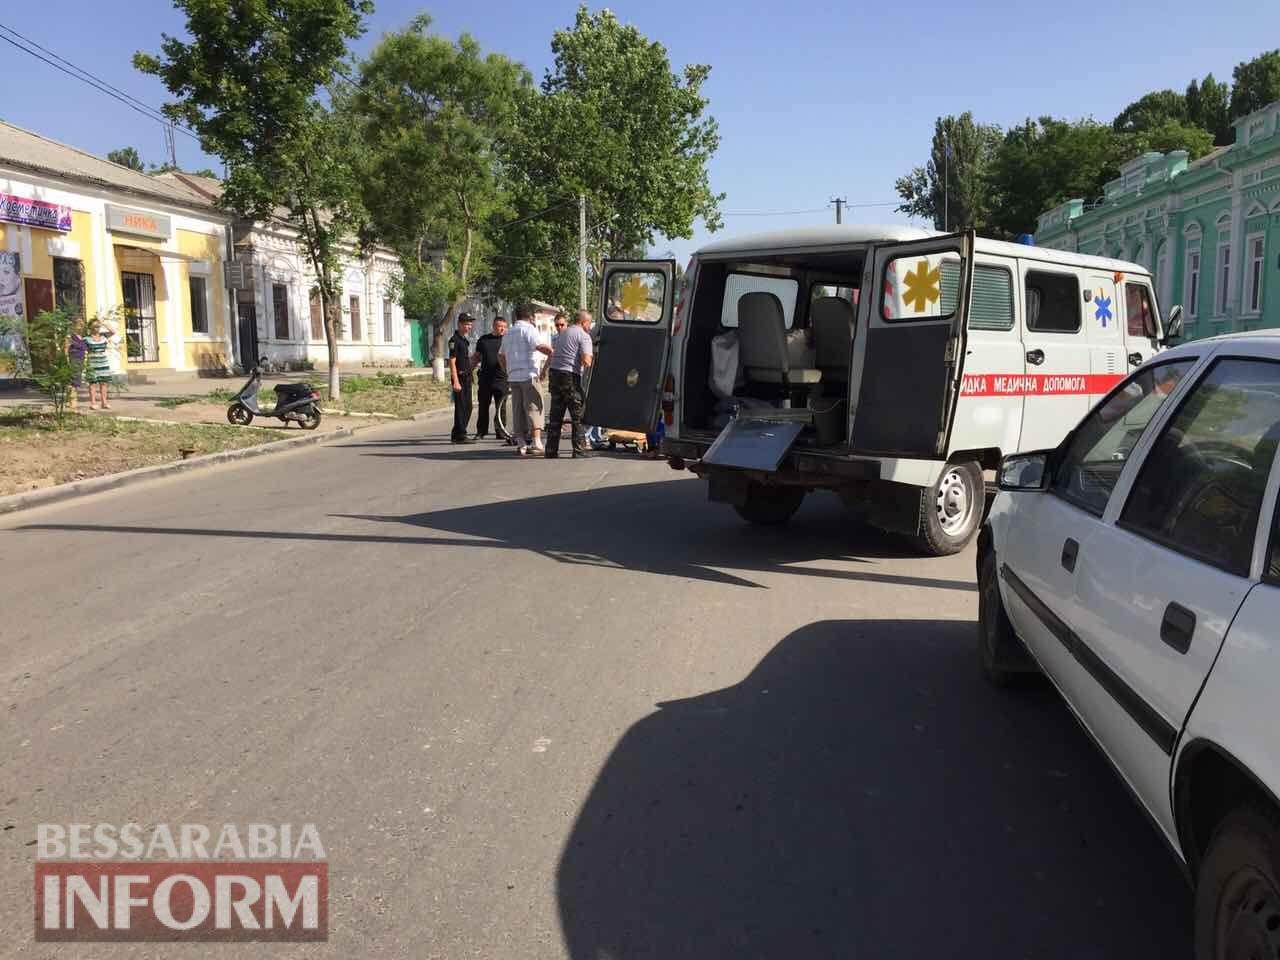 59574dbb80cb3_32462346 Утренние ДТП: в Измаиле столкнулись два ВАЗа, а в Килии сбили велосипедистку